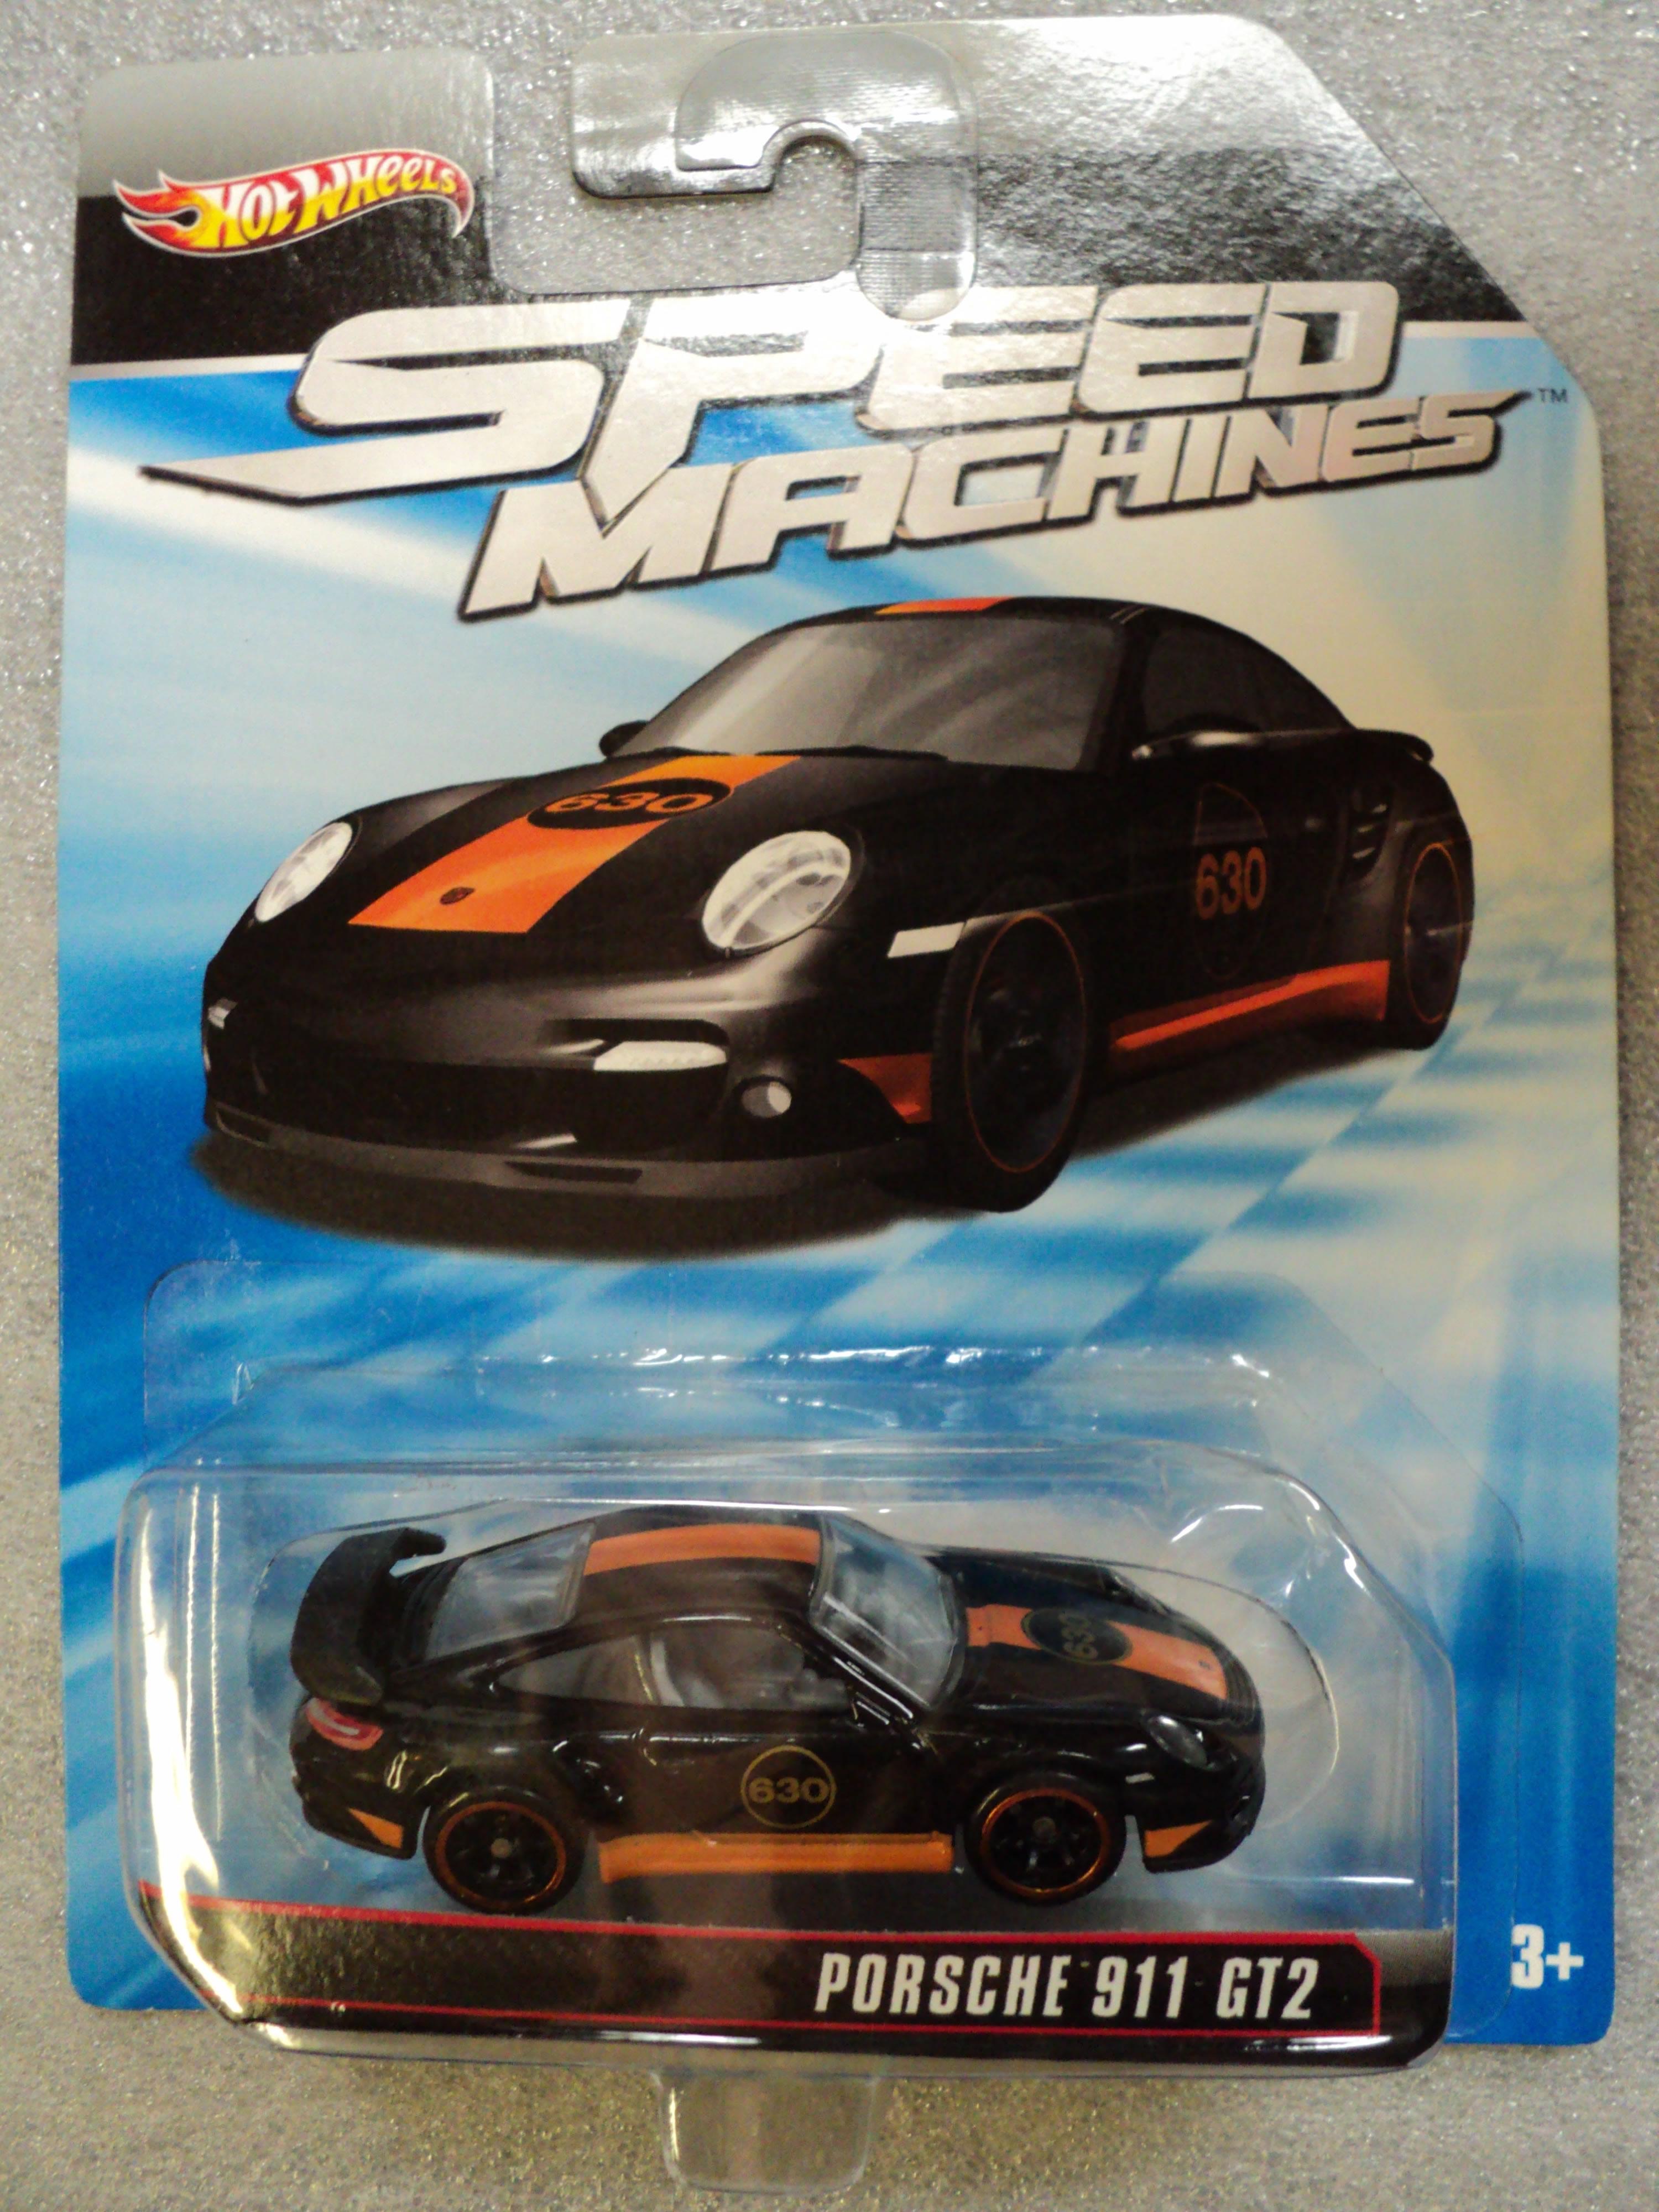 SM.porsche.gt2.frt Outstanding Porsche 911 Gt2 Hot Wheels Cars Trend